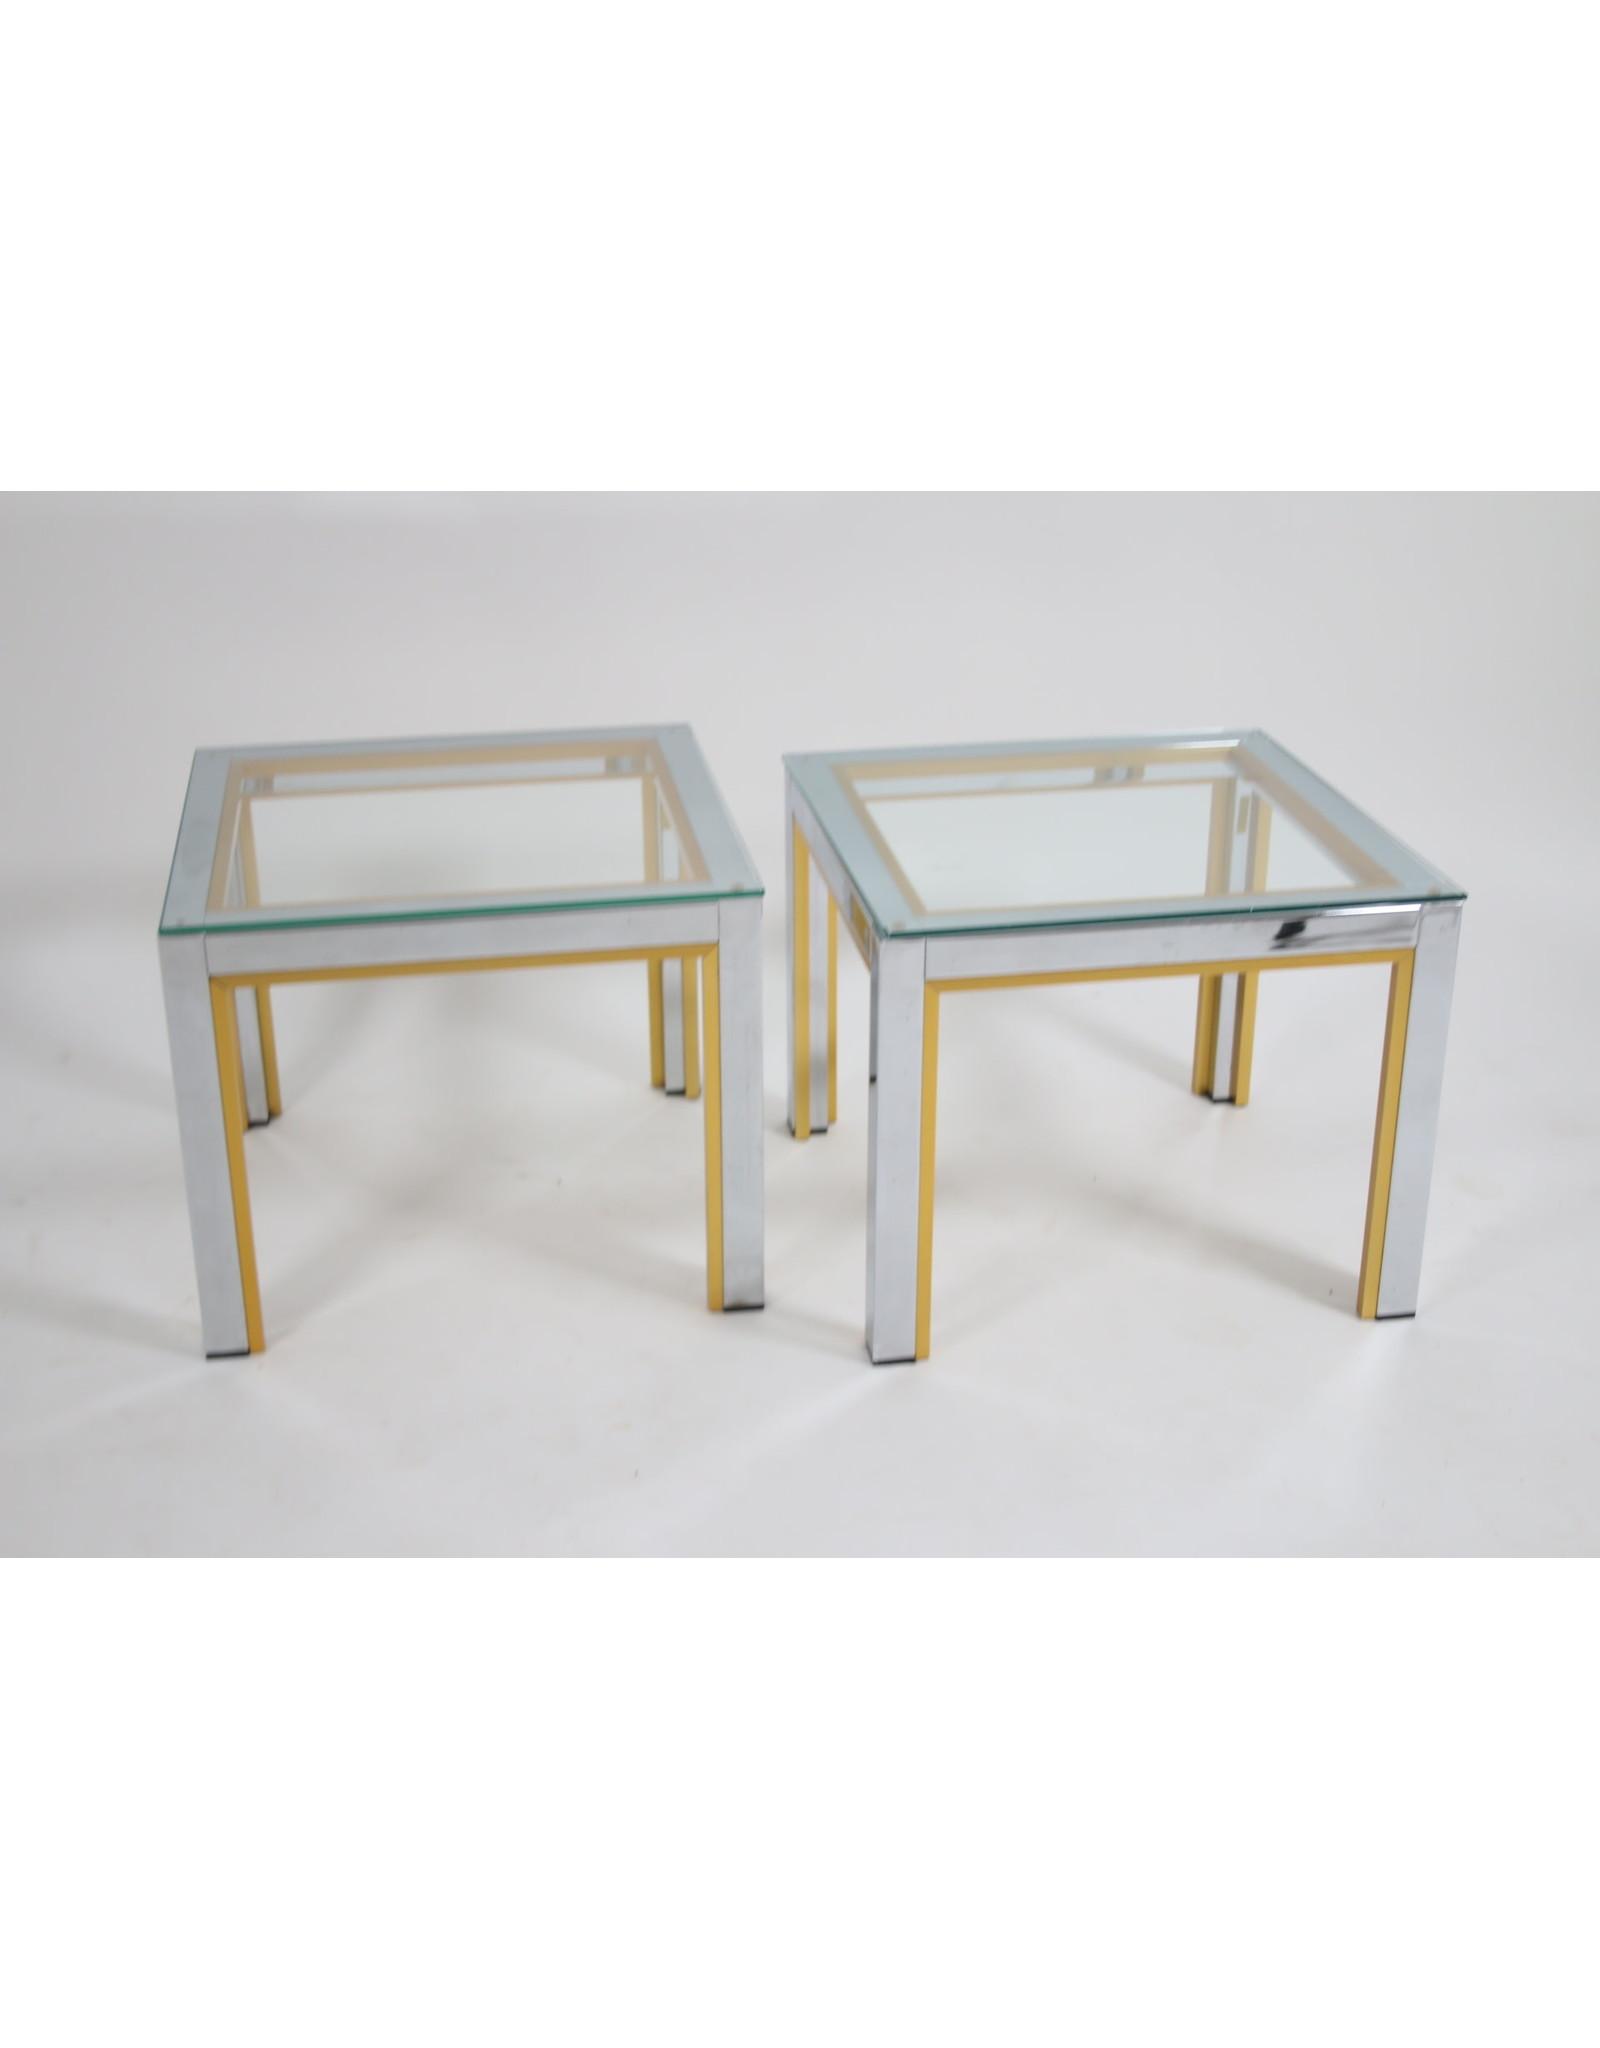 Renato Zevi bijzettafeltjes set italiaans design